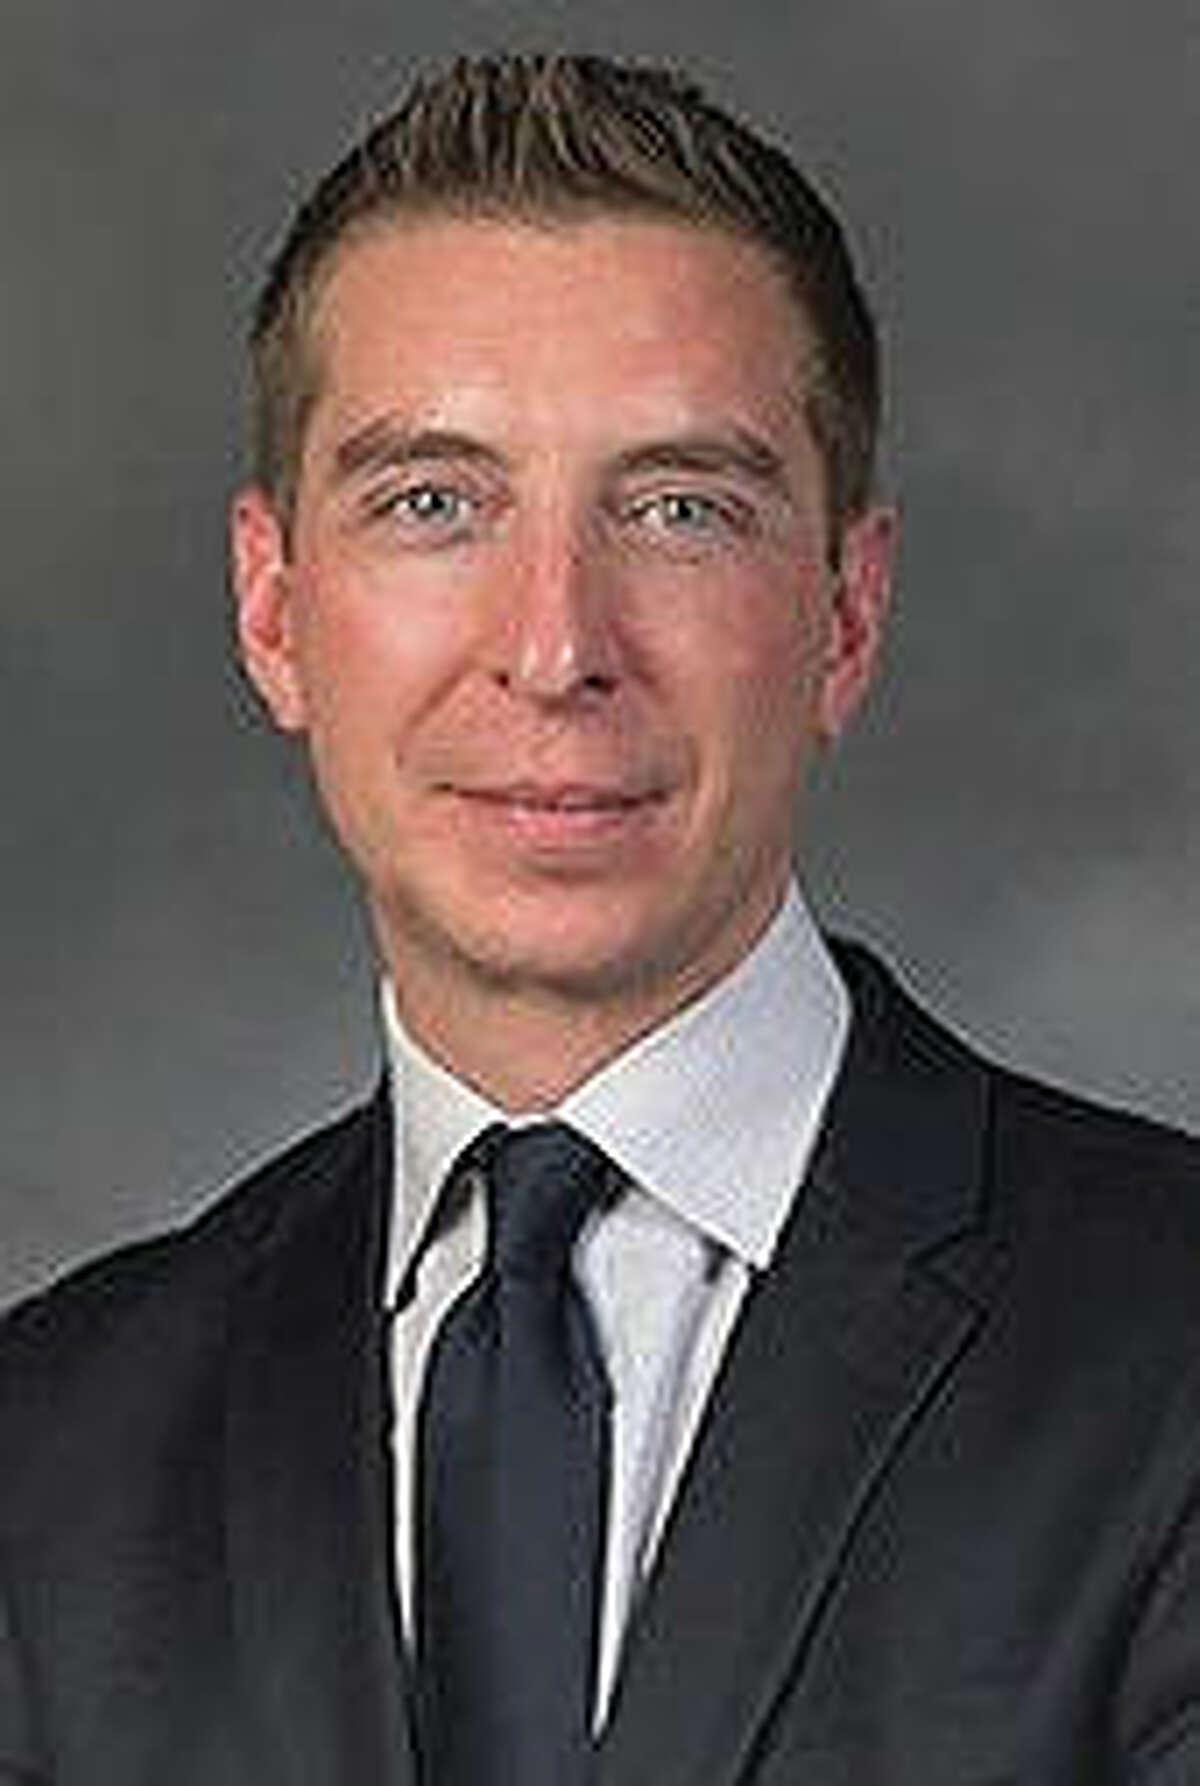 Zachary Schmidt